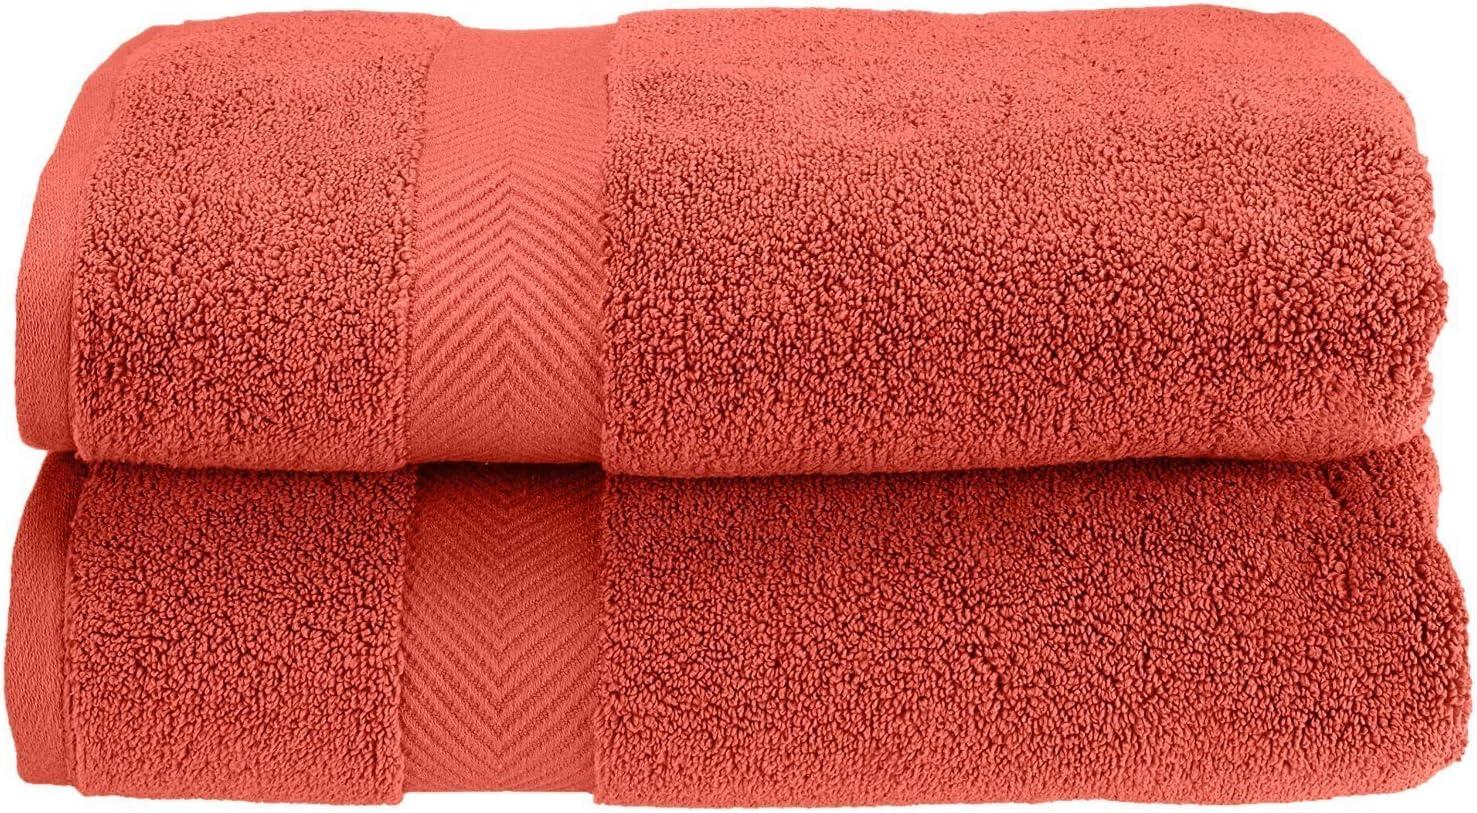 SUPERIOR Zero Twist 100% Cotton Towel Set - 2-Piece Set, Extra Soft Bath Towels, Long-Staple Cotton Towels, Coral